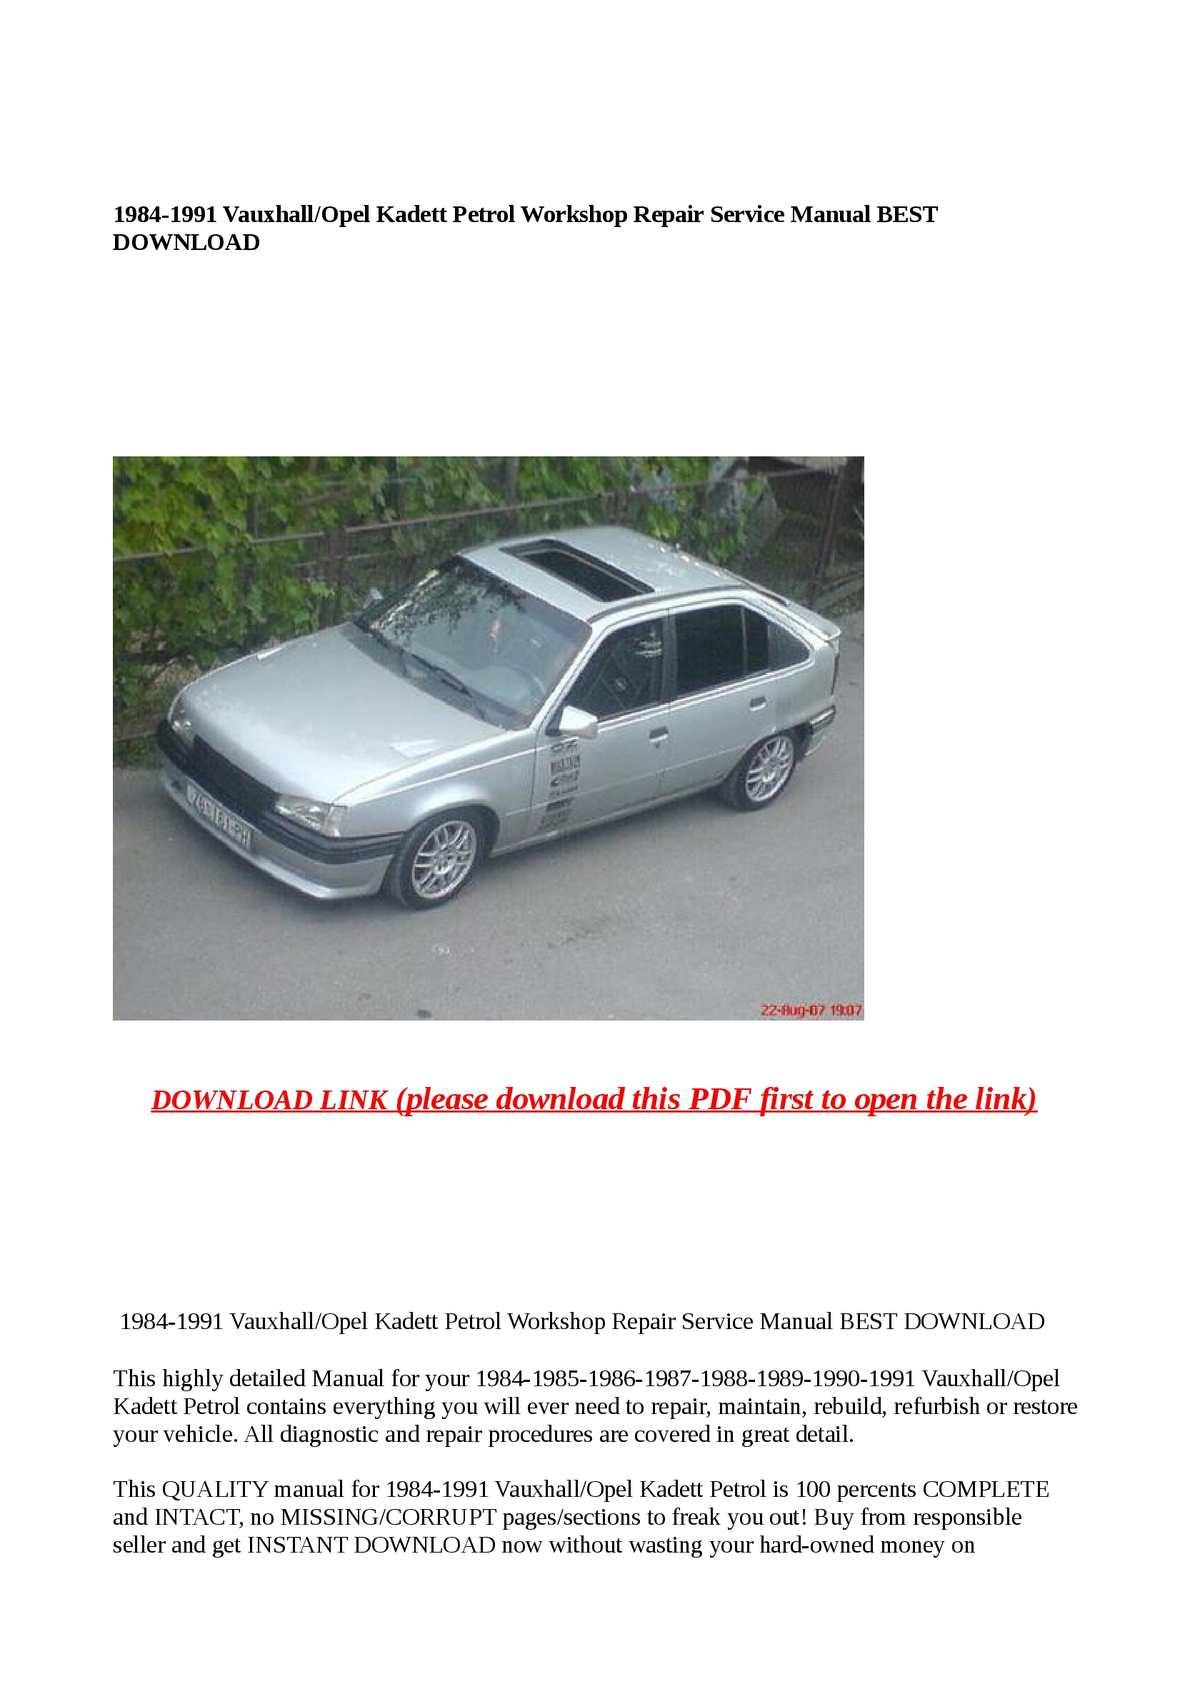 Calaméo - 1984-1991 Vauxhall/Opel Kadett Petrol Workshop Repair Service  Manual